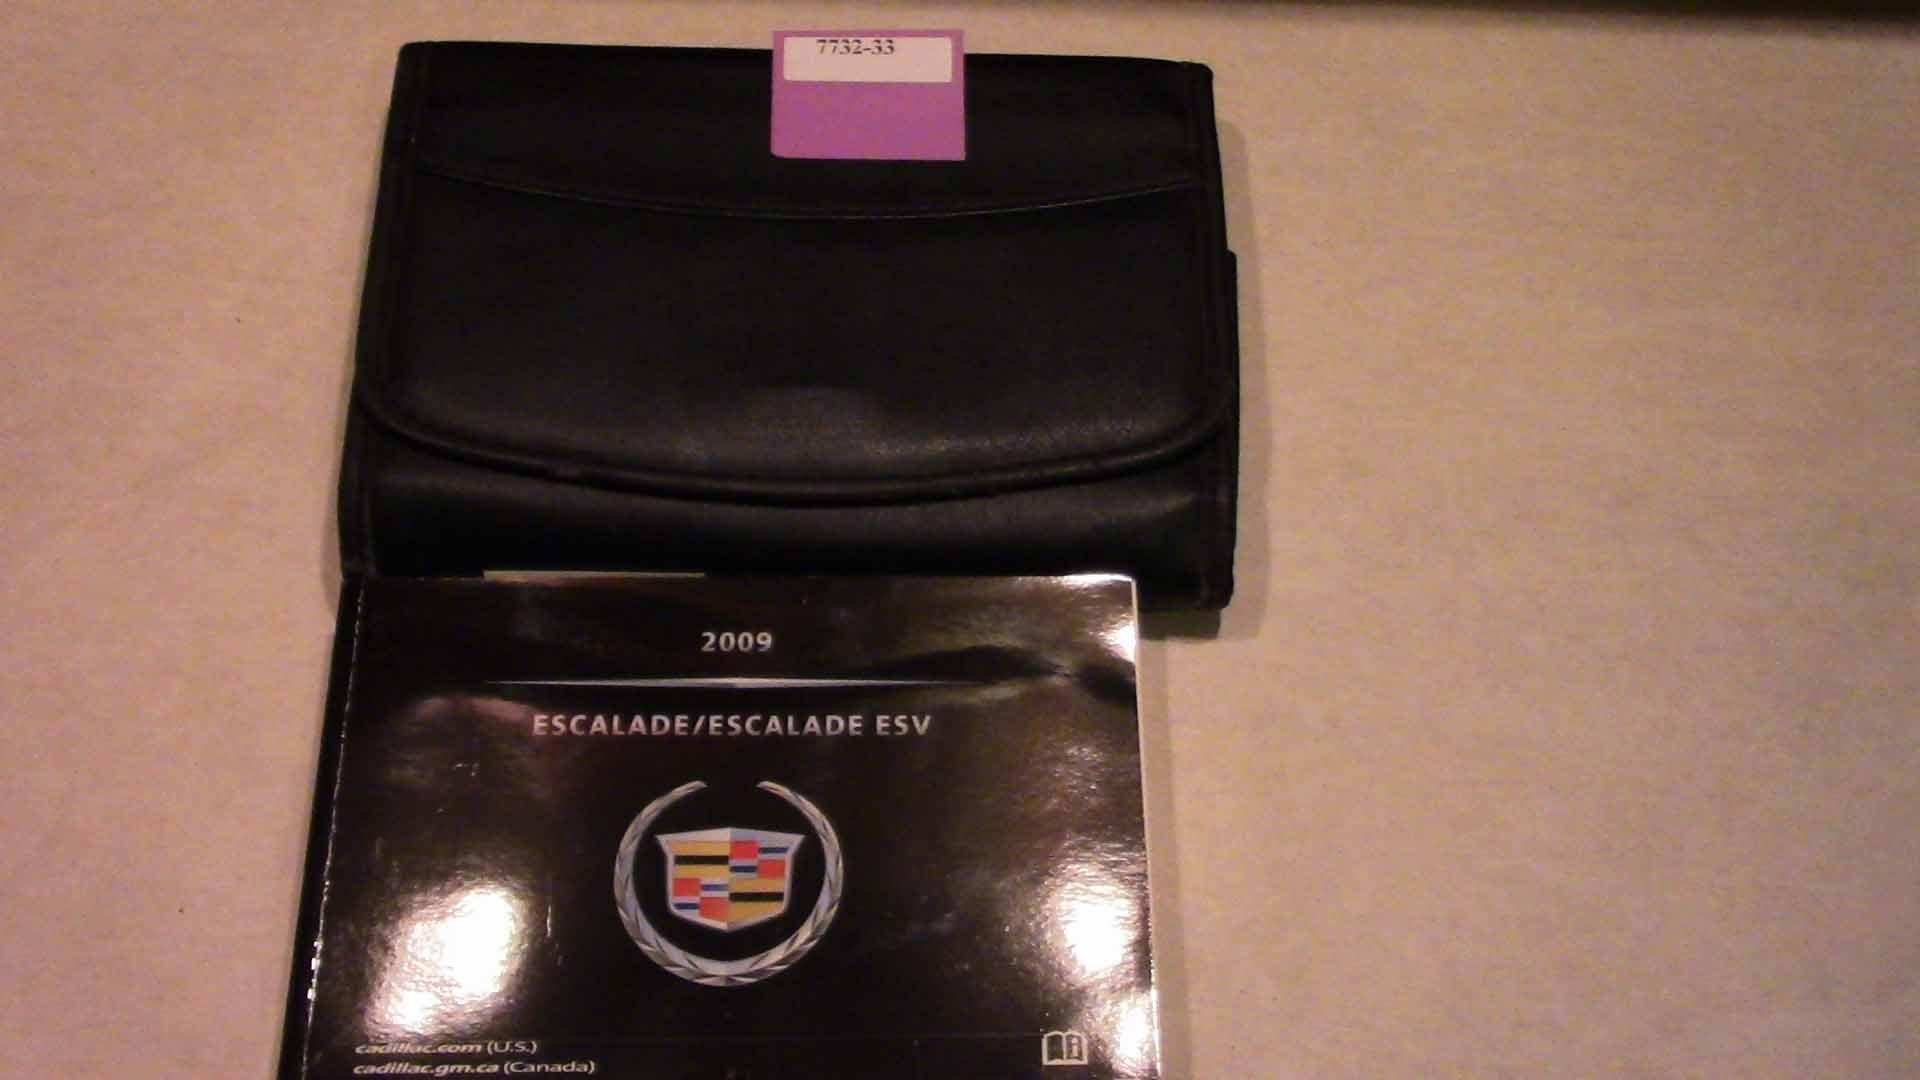 2009 Cadillac Escalade and ESV Owners Manual: Cadillac: Amazon.com: Books